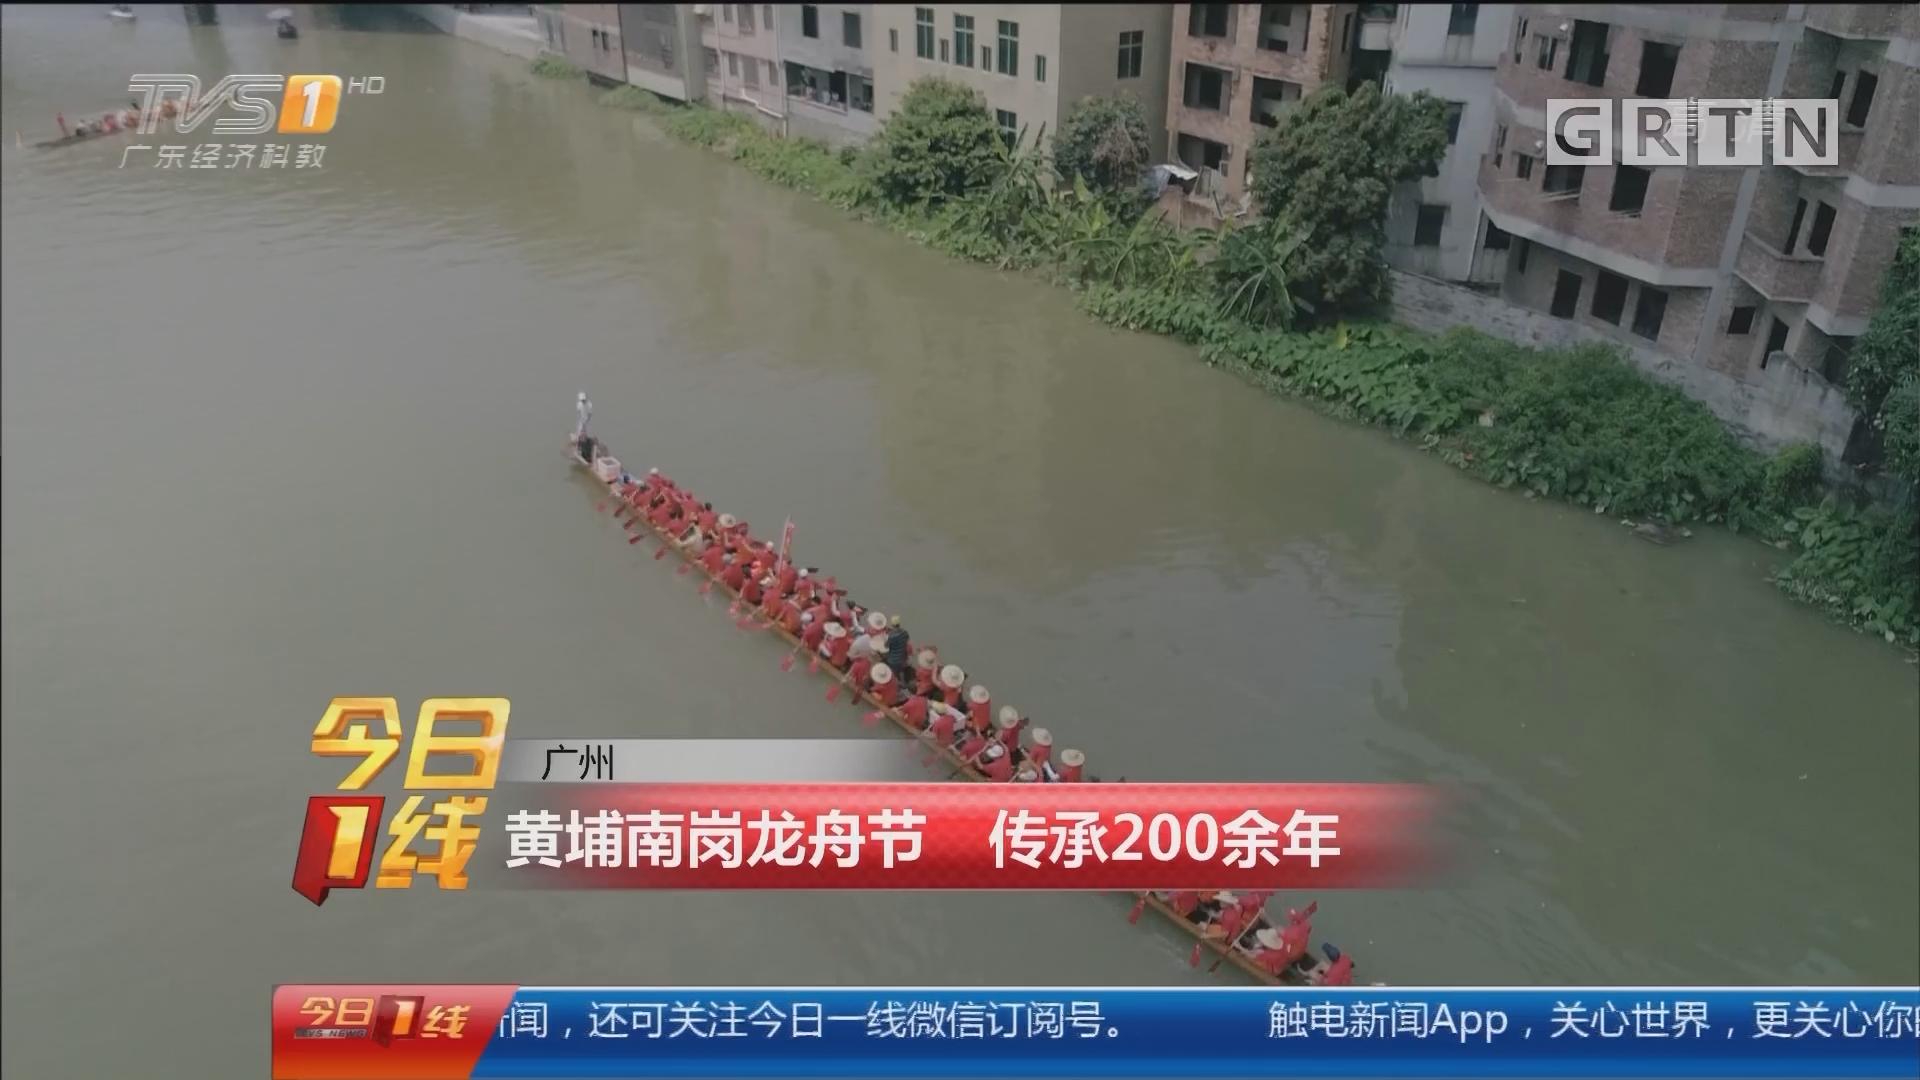 广州:黄埔南岗龙舟节 传承200余年